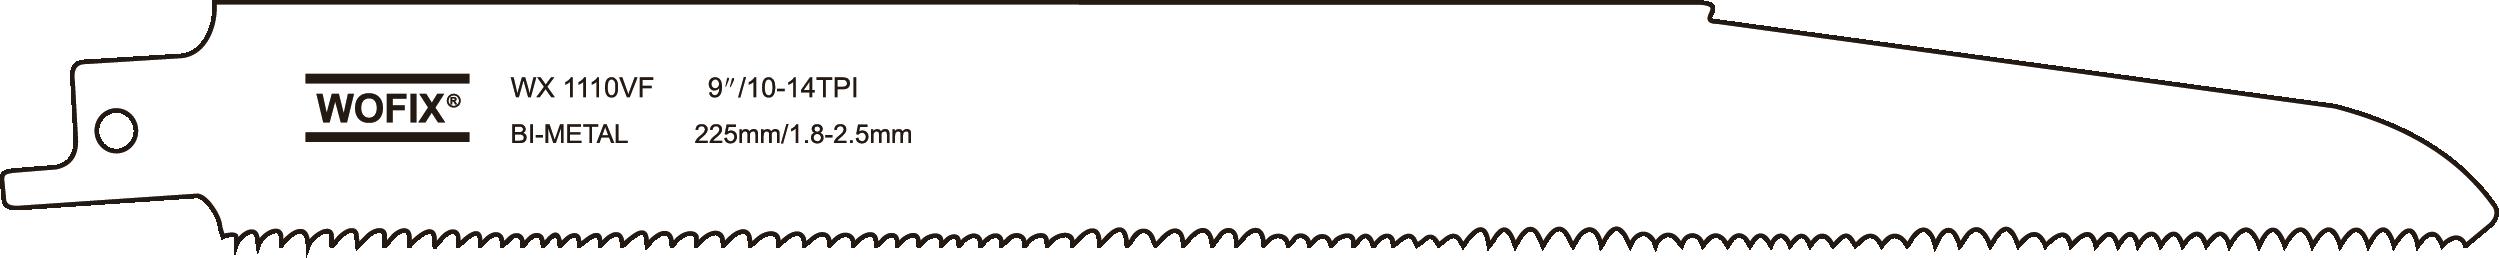 Wofix 5121048/WX1110VF Reciprozaagblad voor hout, sloop- en reddingswerkzaam. 5 st.